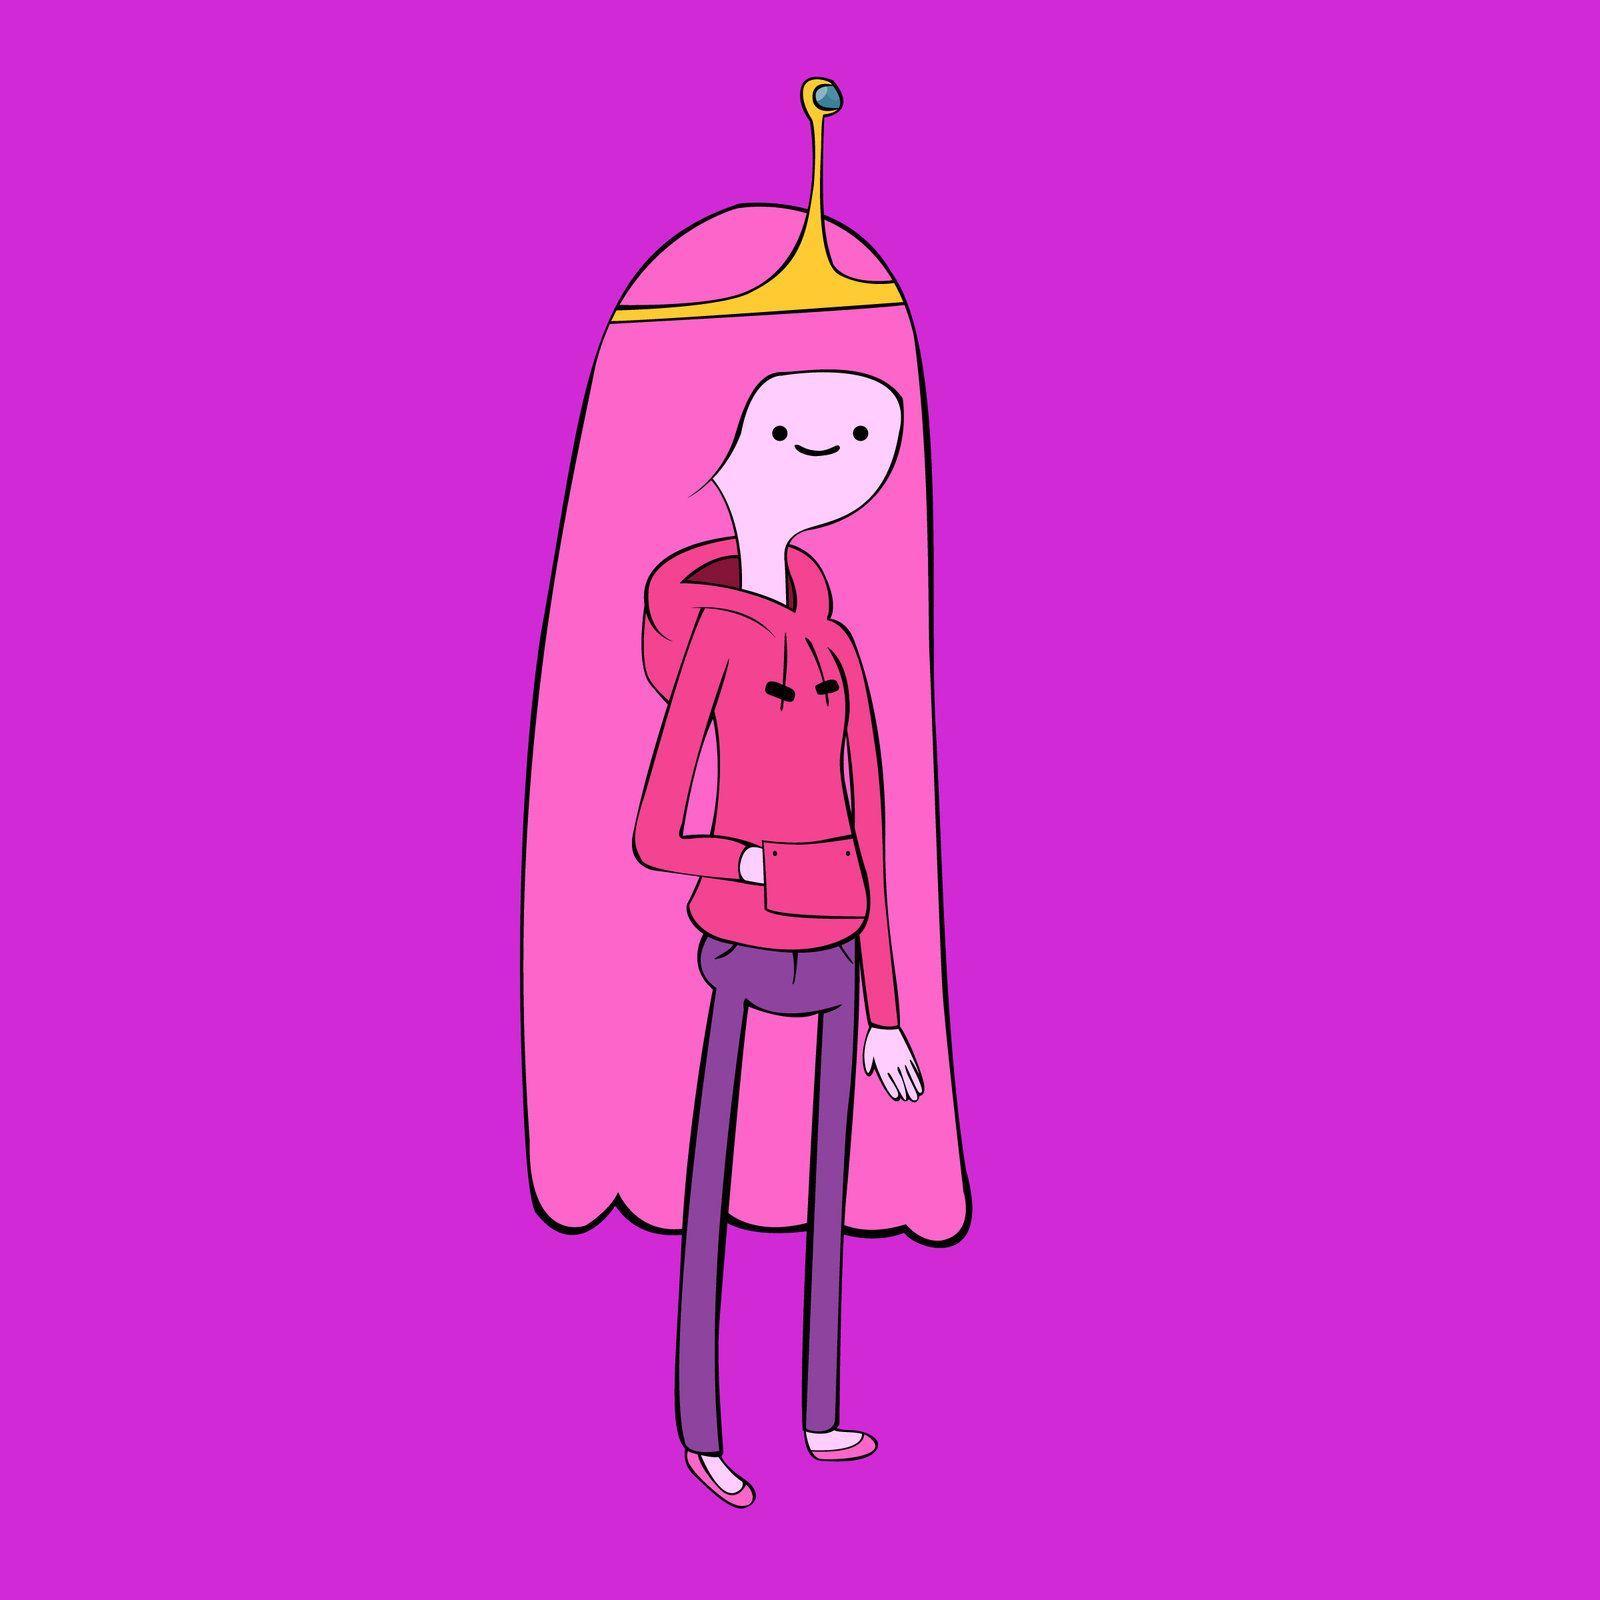 Princess Bubblegum Wallpapers Top Free Princess Bubblegum